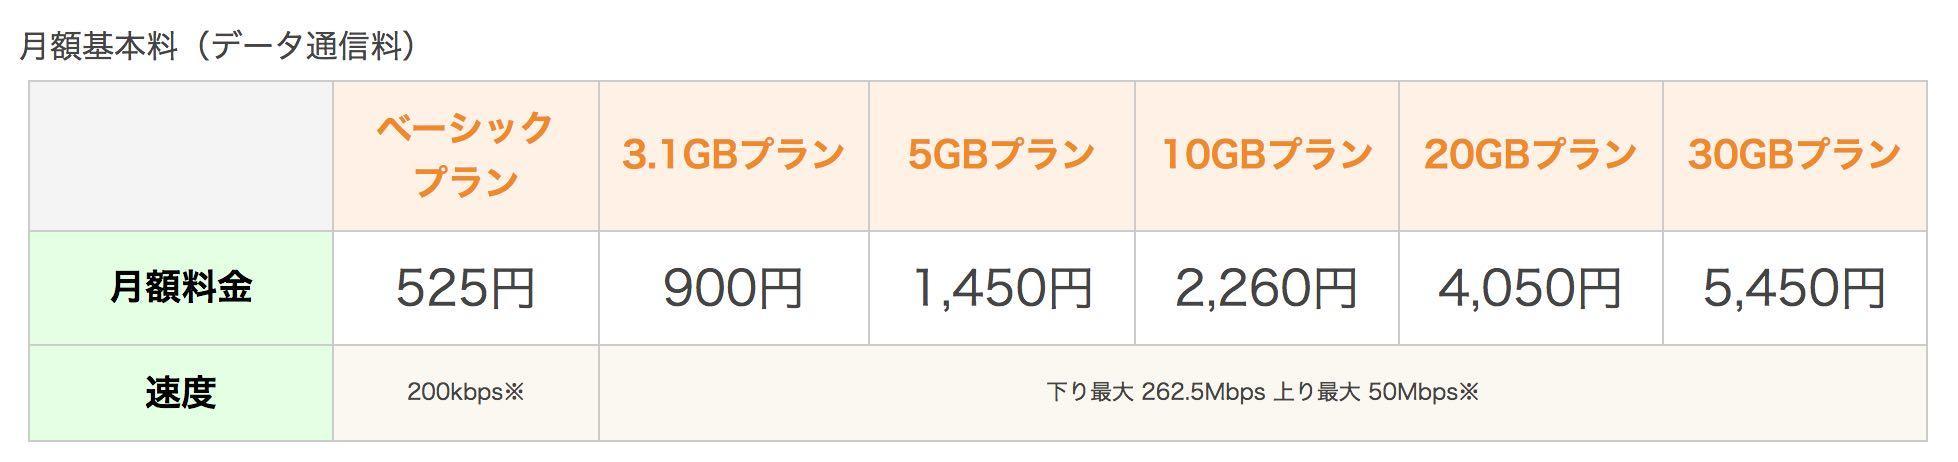 楽天モバイルのデータ通信プランの料金表